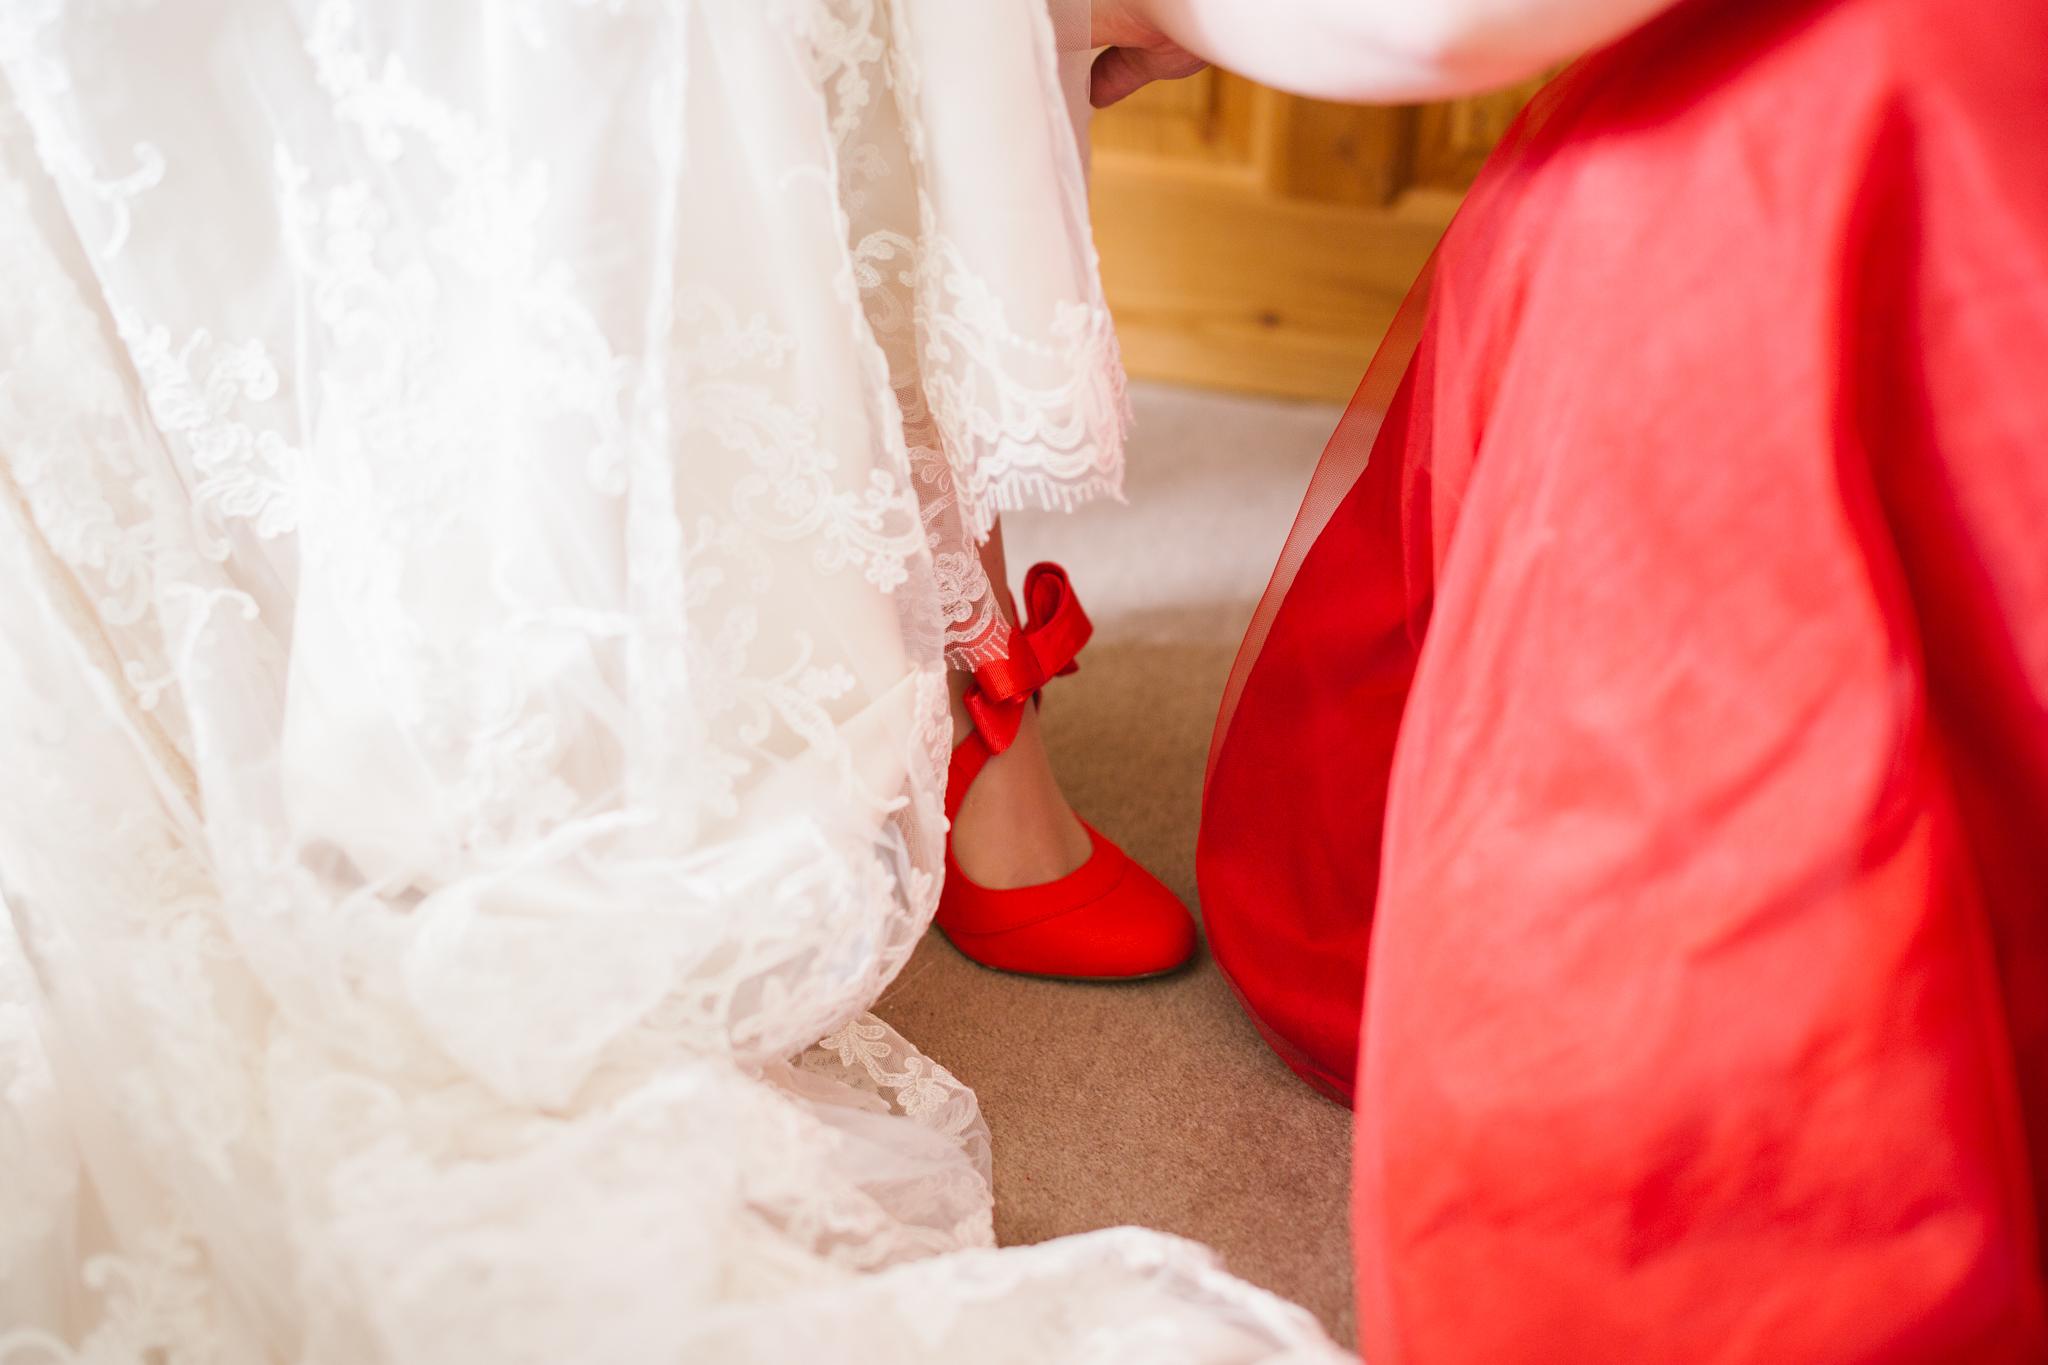 Simon_Rawling_Wedding_Photography-46.jpg